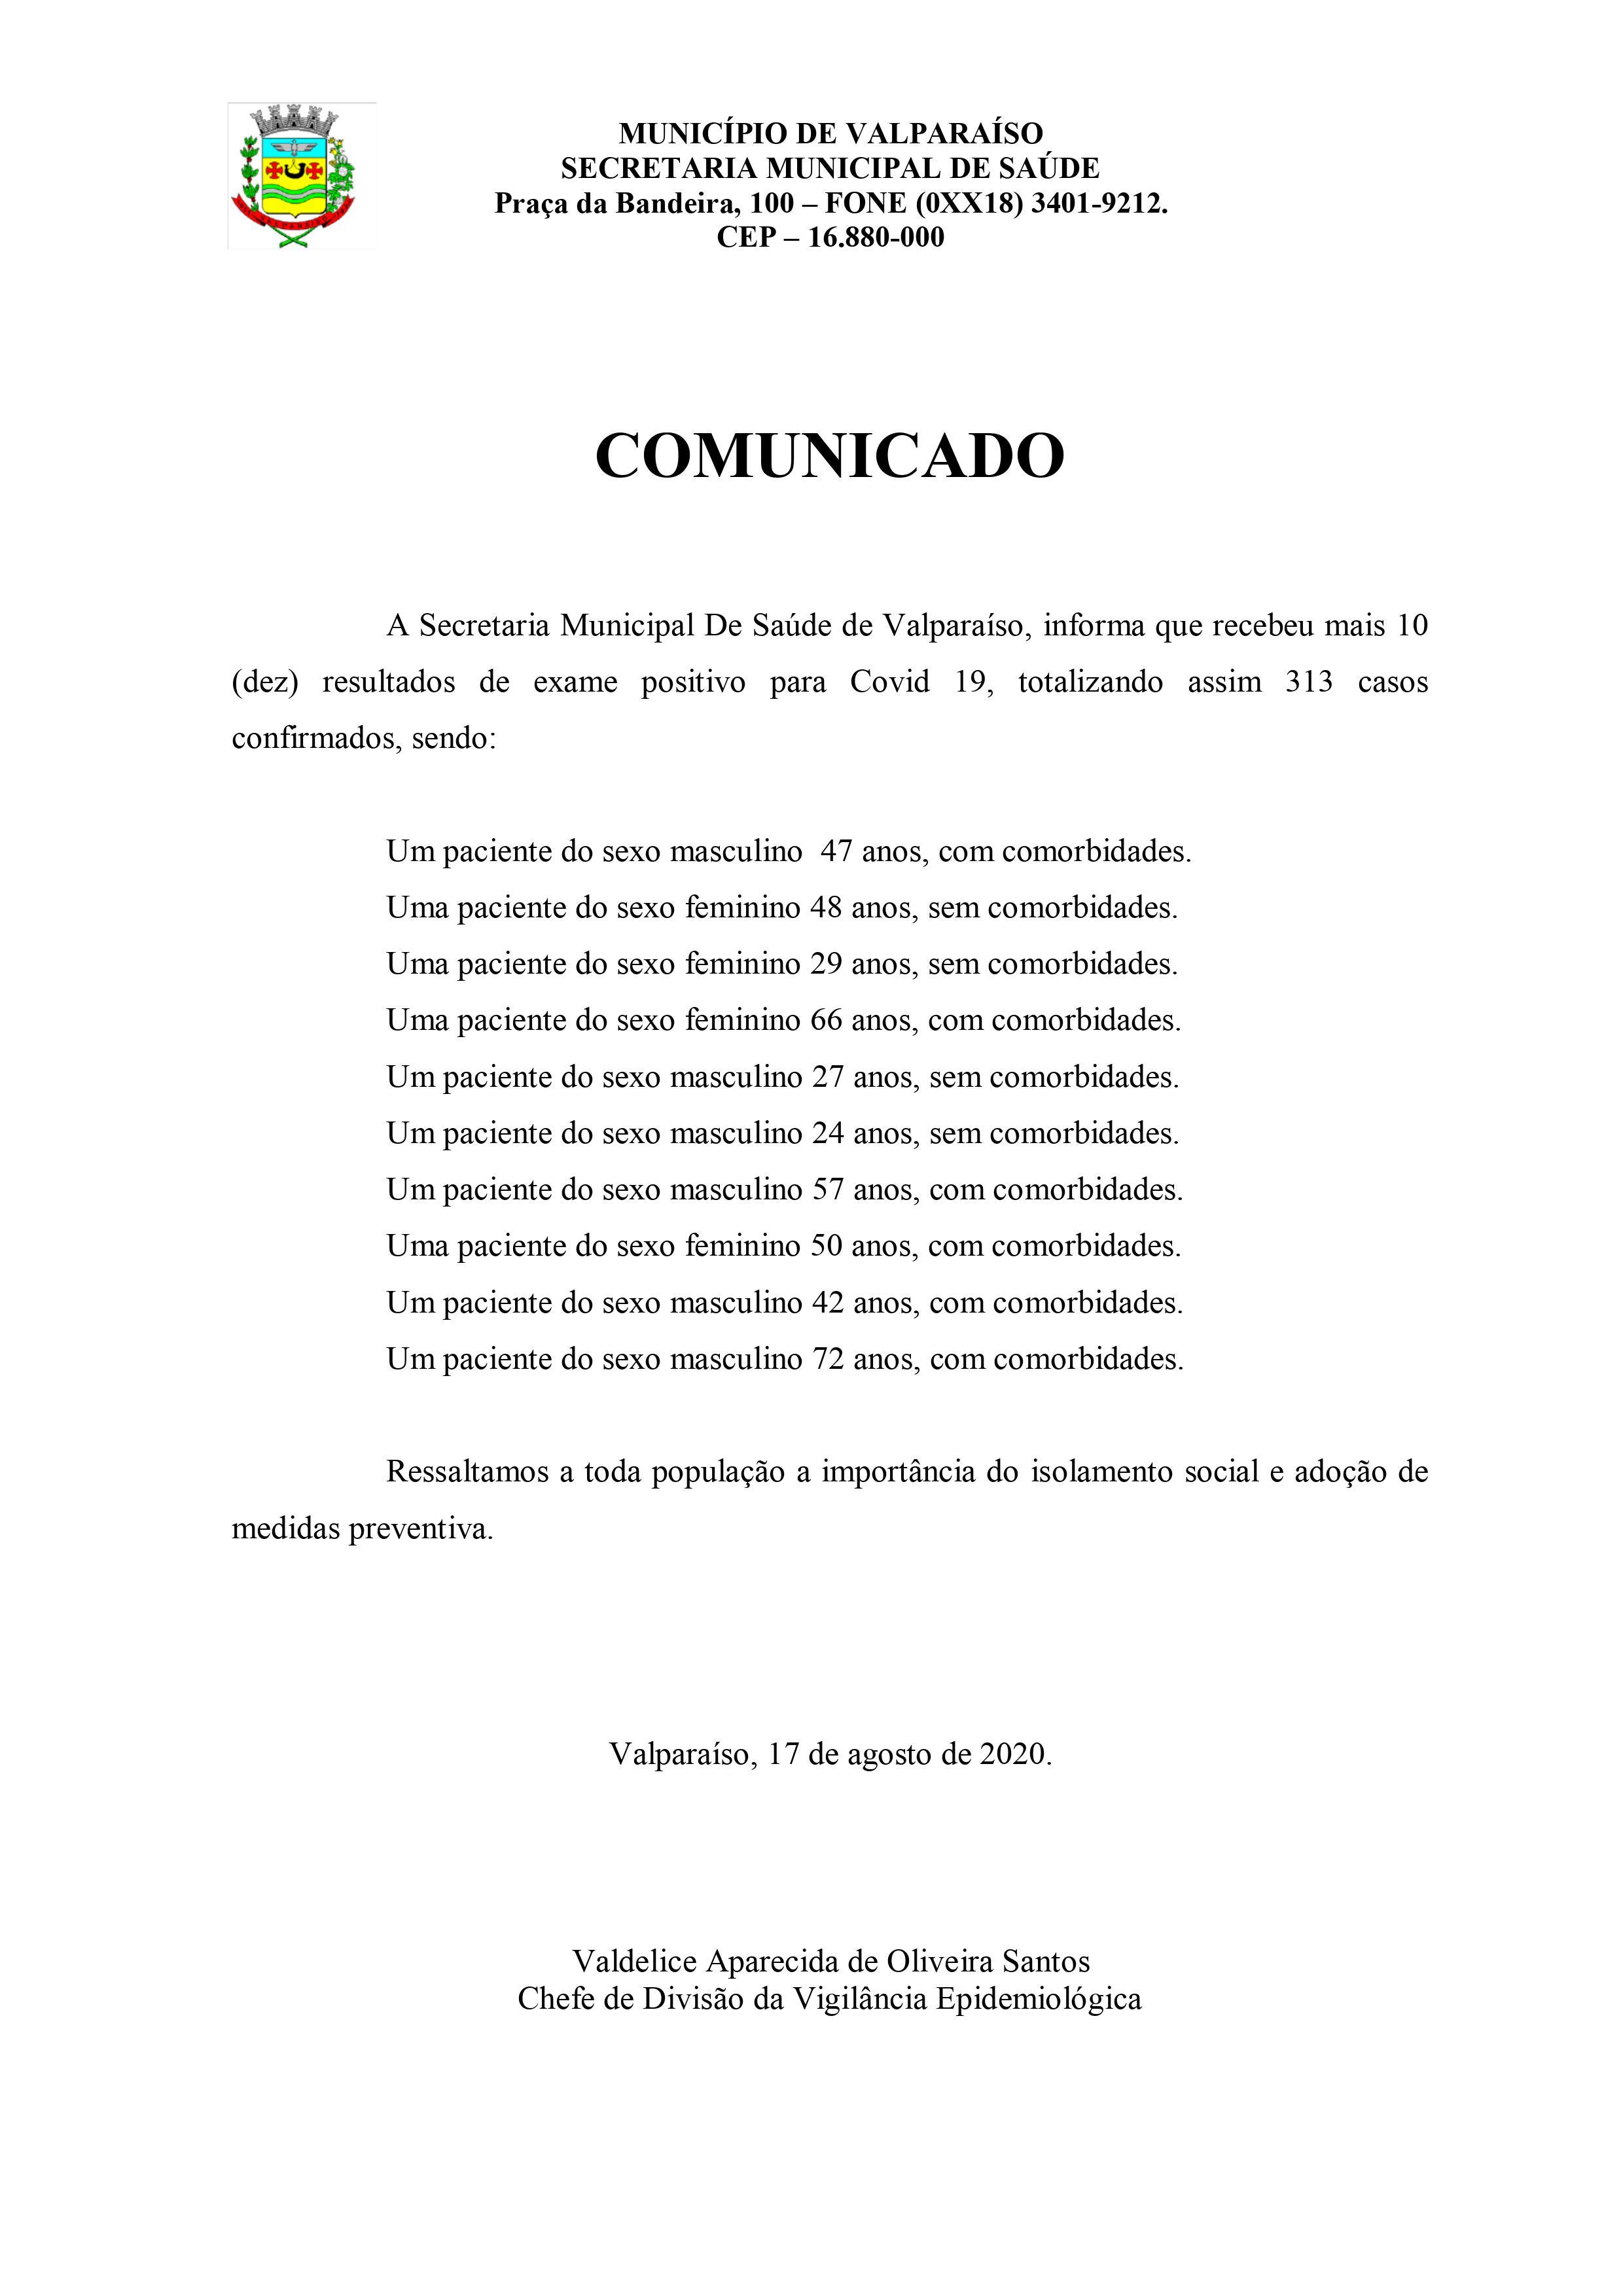 covid313